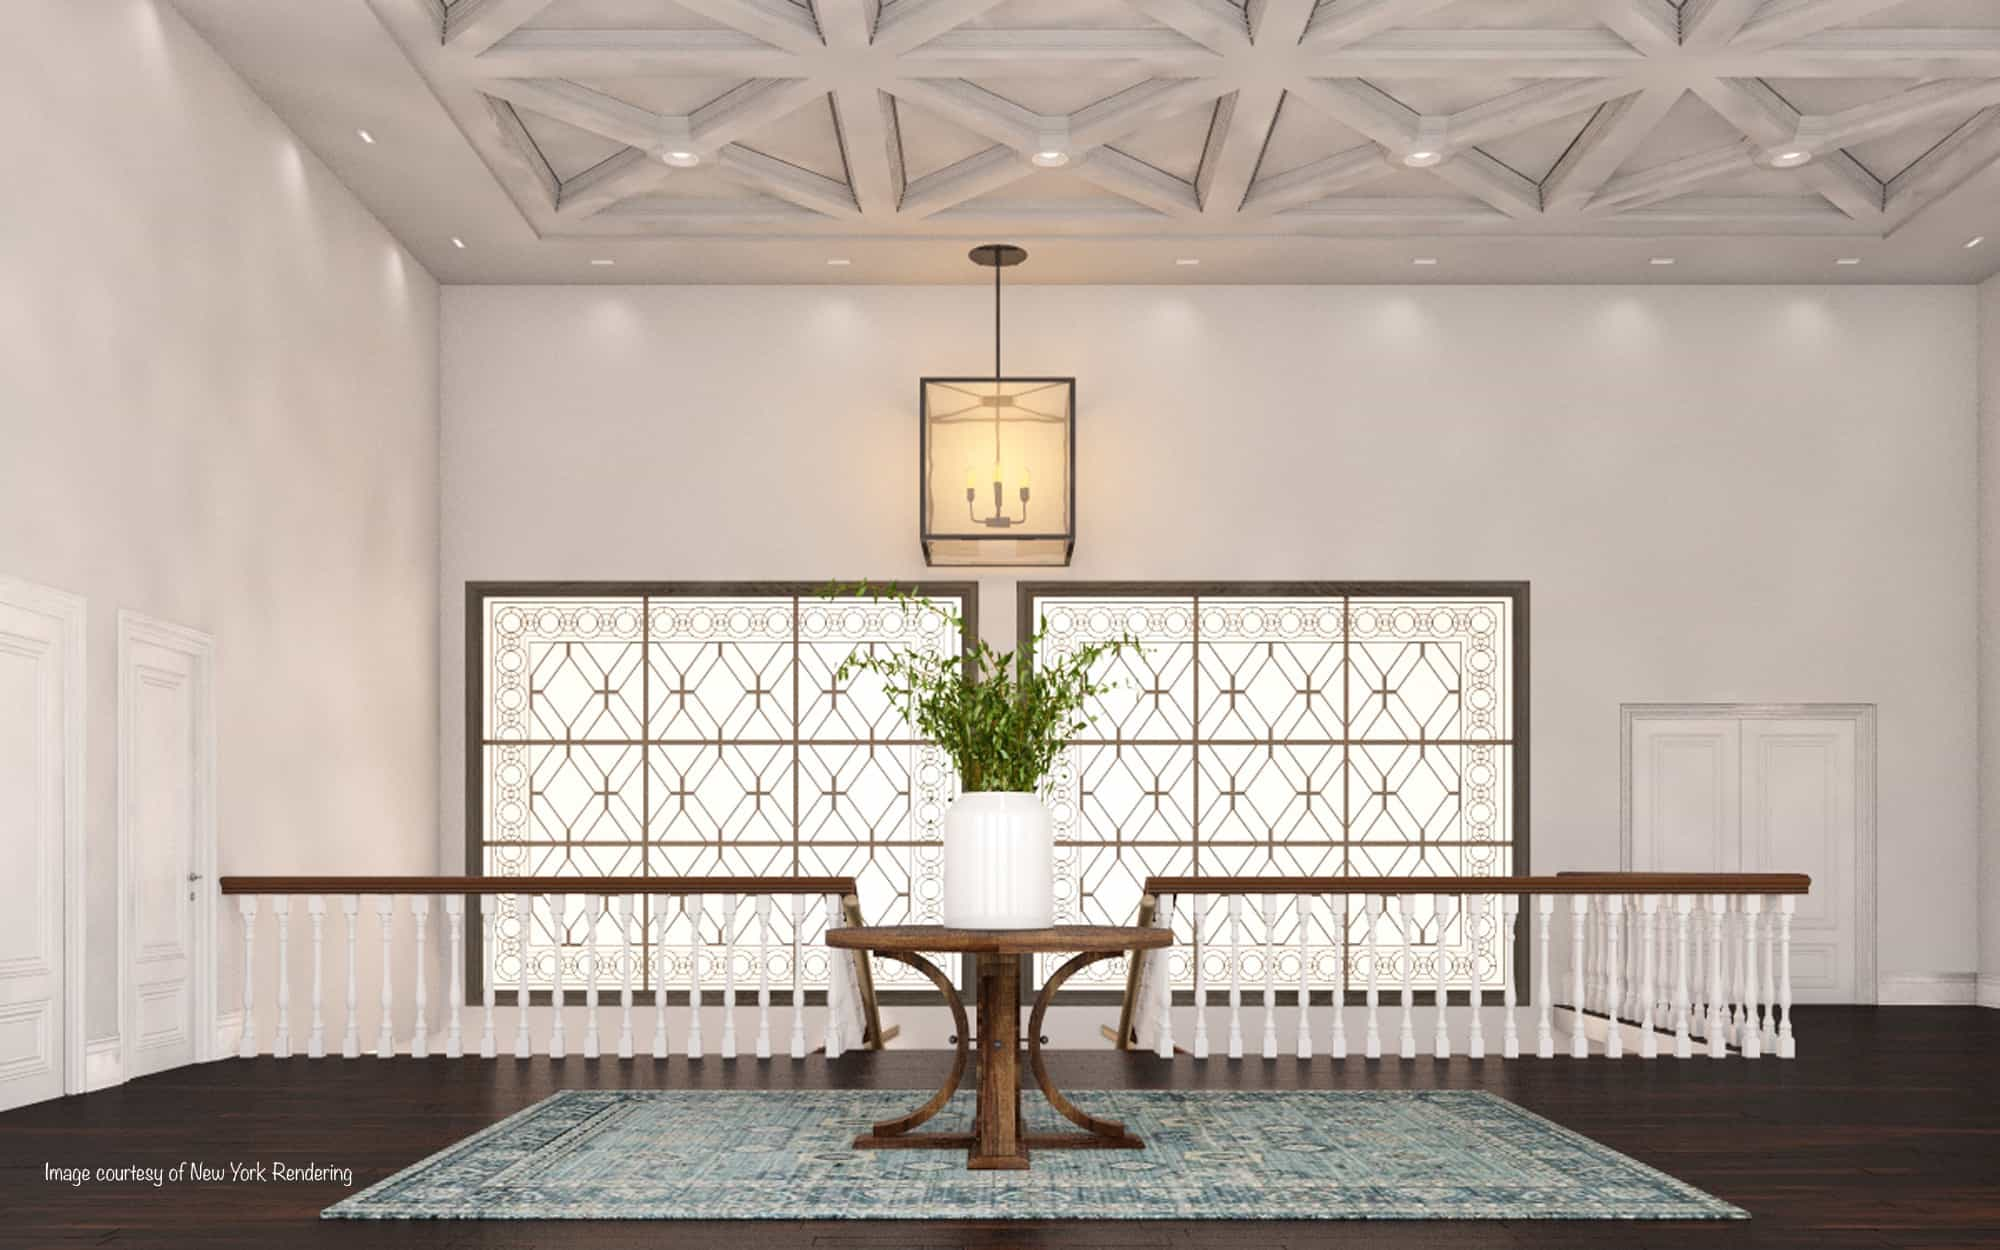 lobby chandelier decorative window mass timber